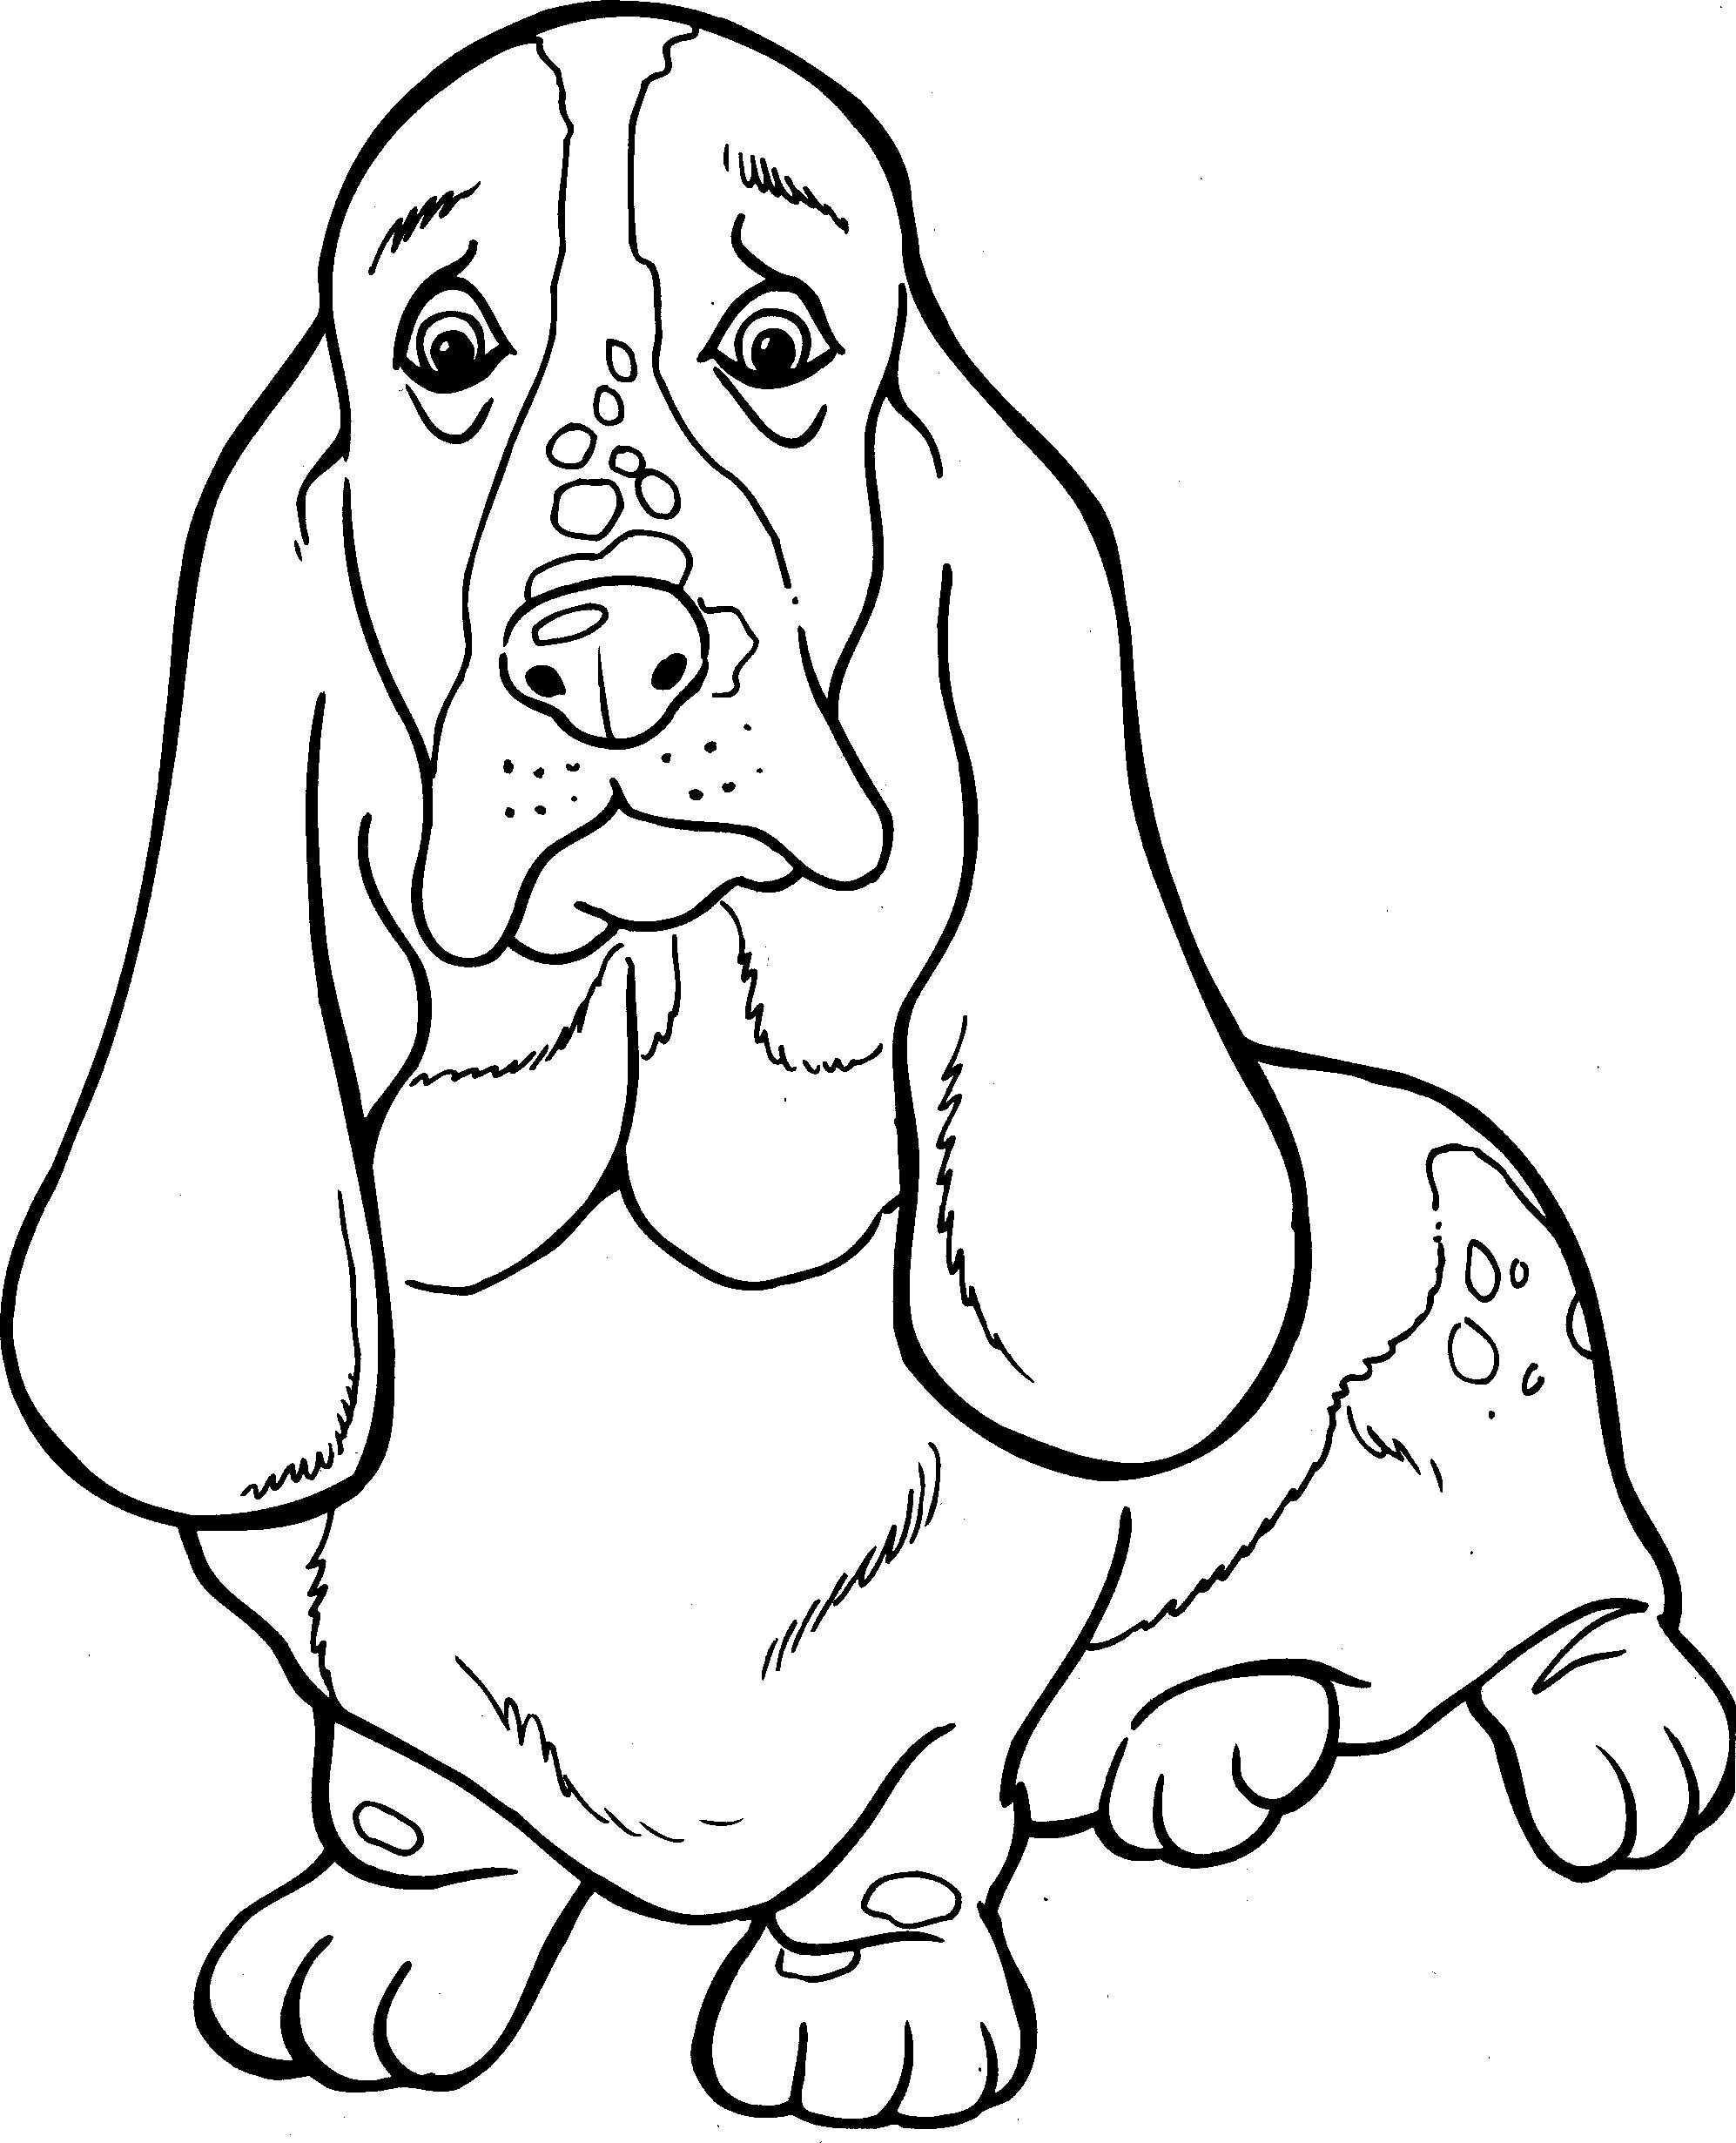 Pin Van Tina Wood Op My Saves In 2020 Honden Dieren Kleurplaten Hond Tekeningen